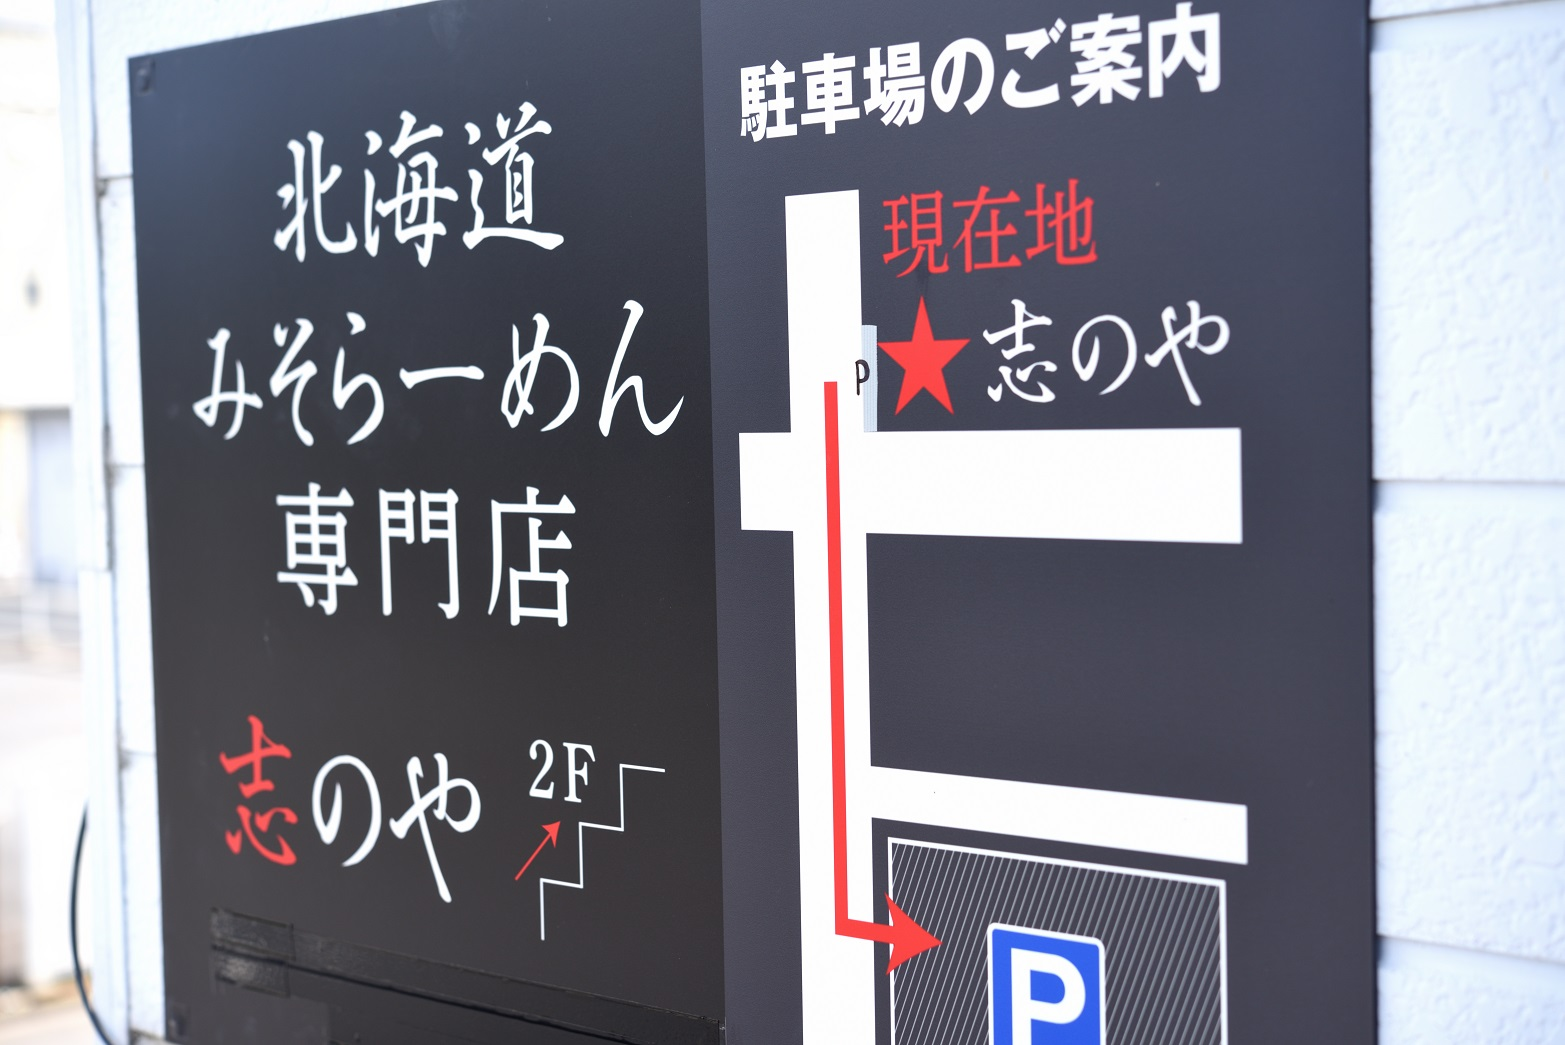 北海道みそらーめん専門店 志のや 駐車場の案内